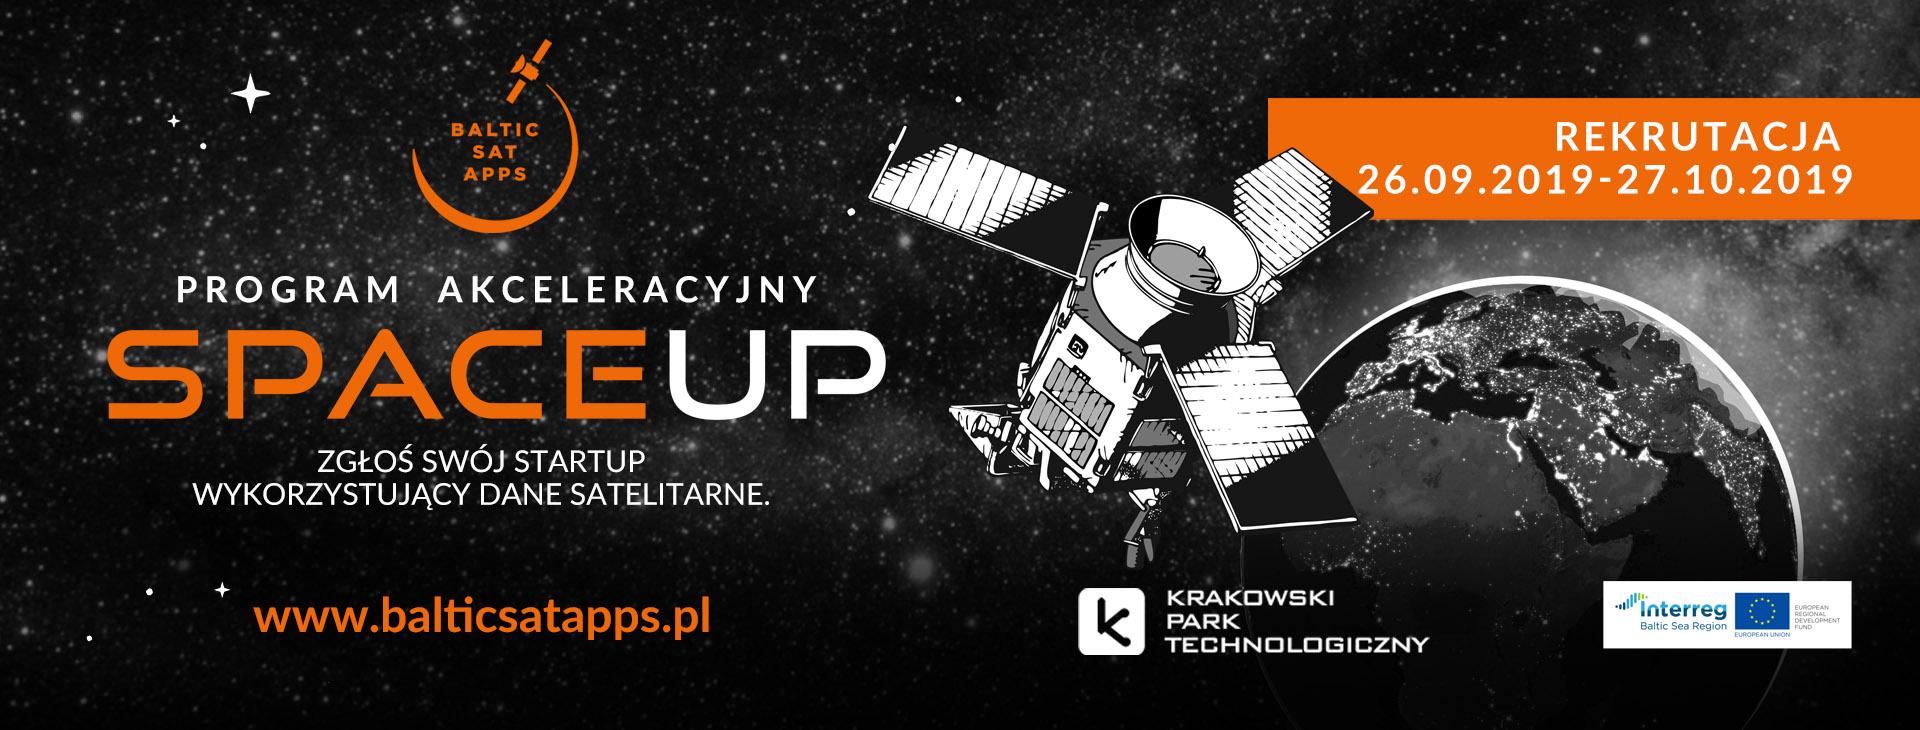 Program akceleracyjny SpaceUp BSA.